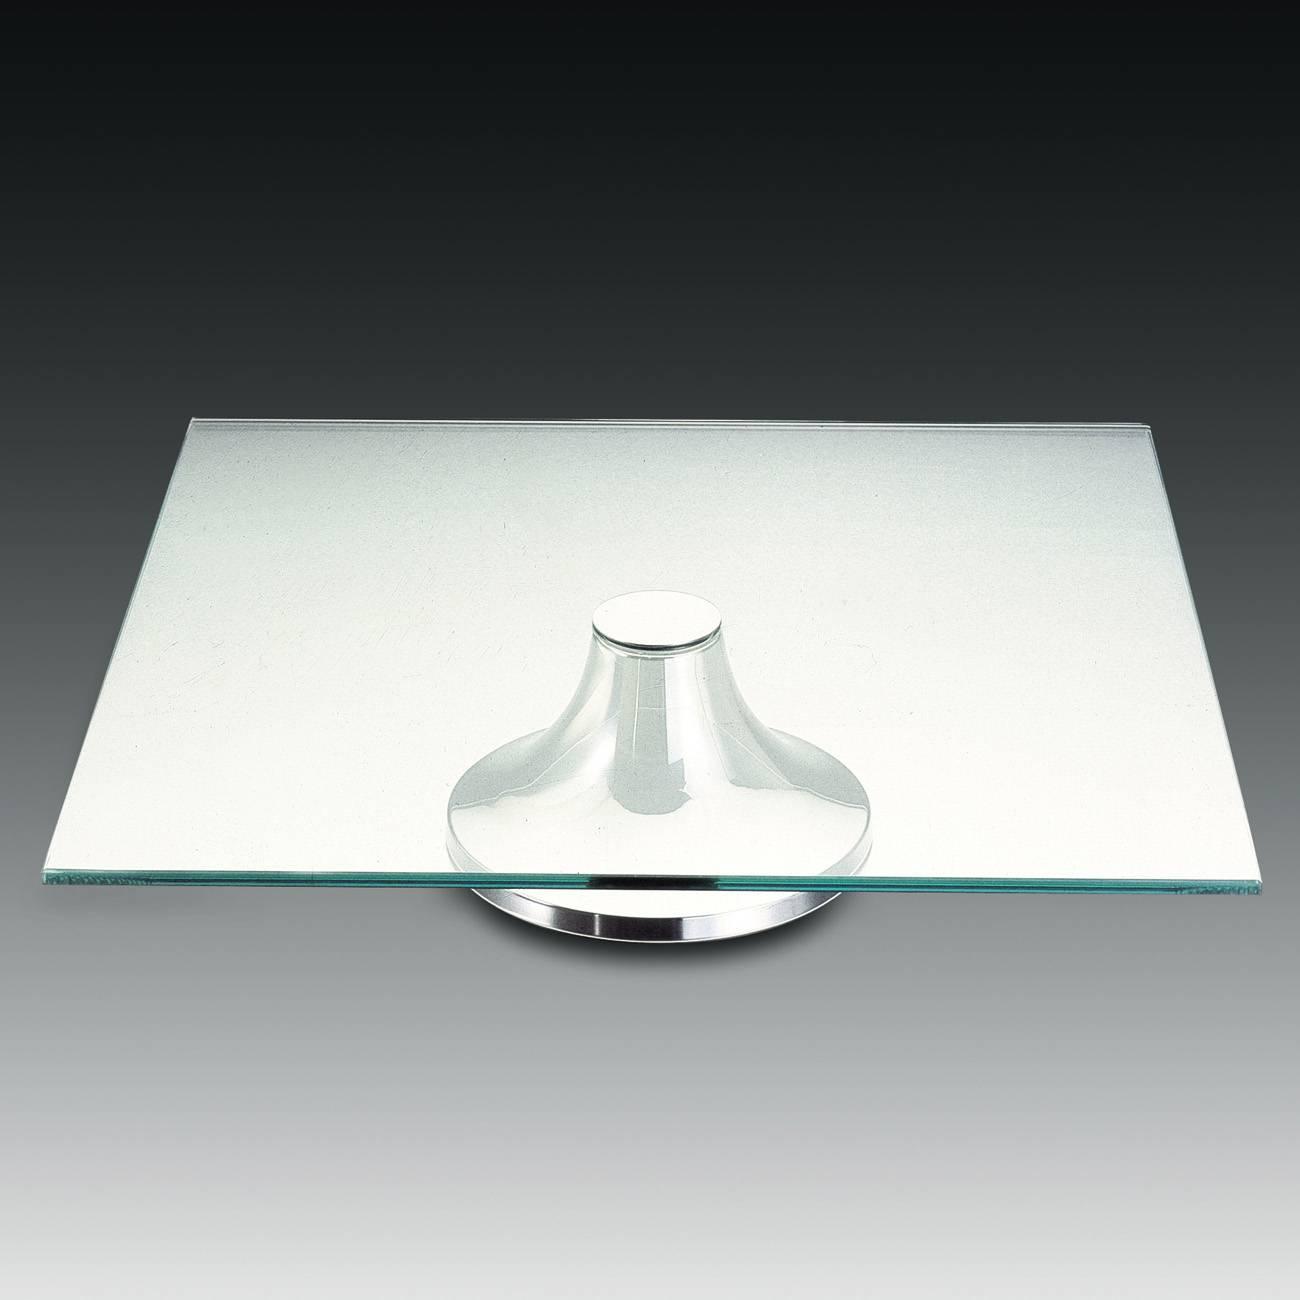 Prato para Bolo Roma Quadrado com Pé em Prata - Wolff - 35x35 cm